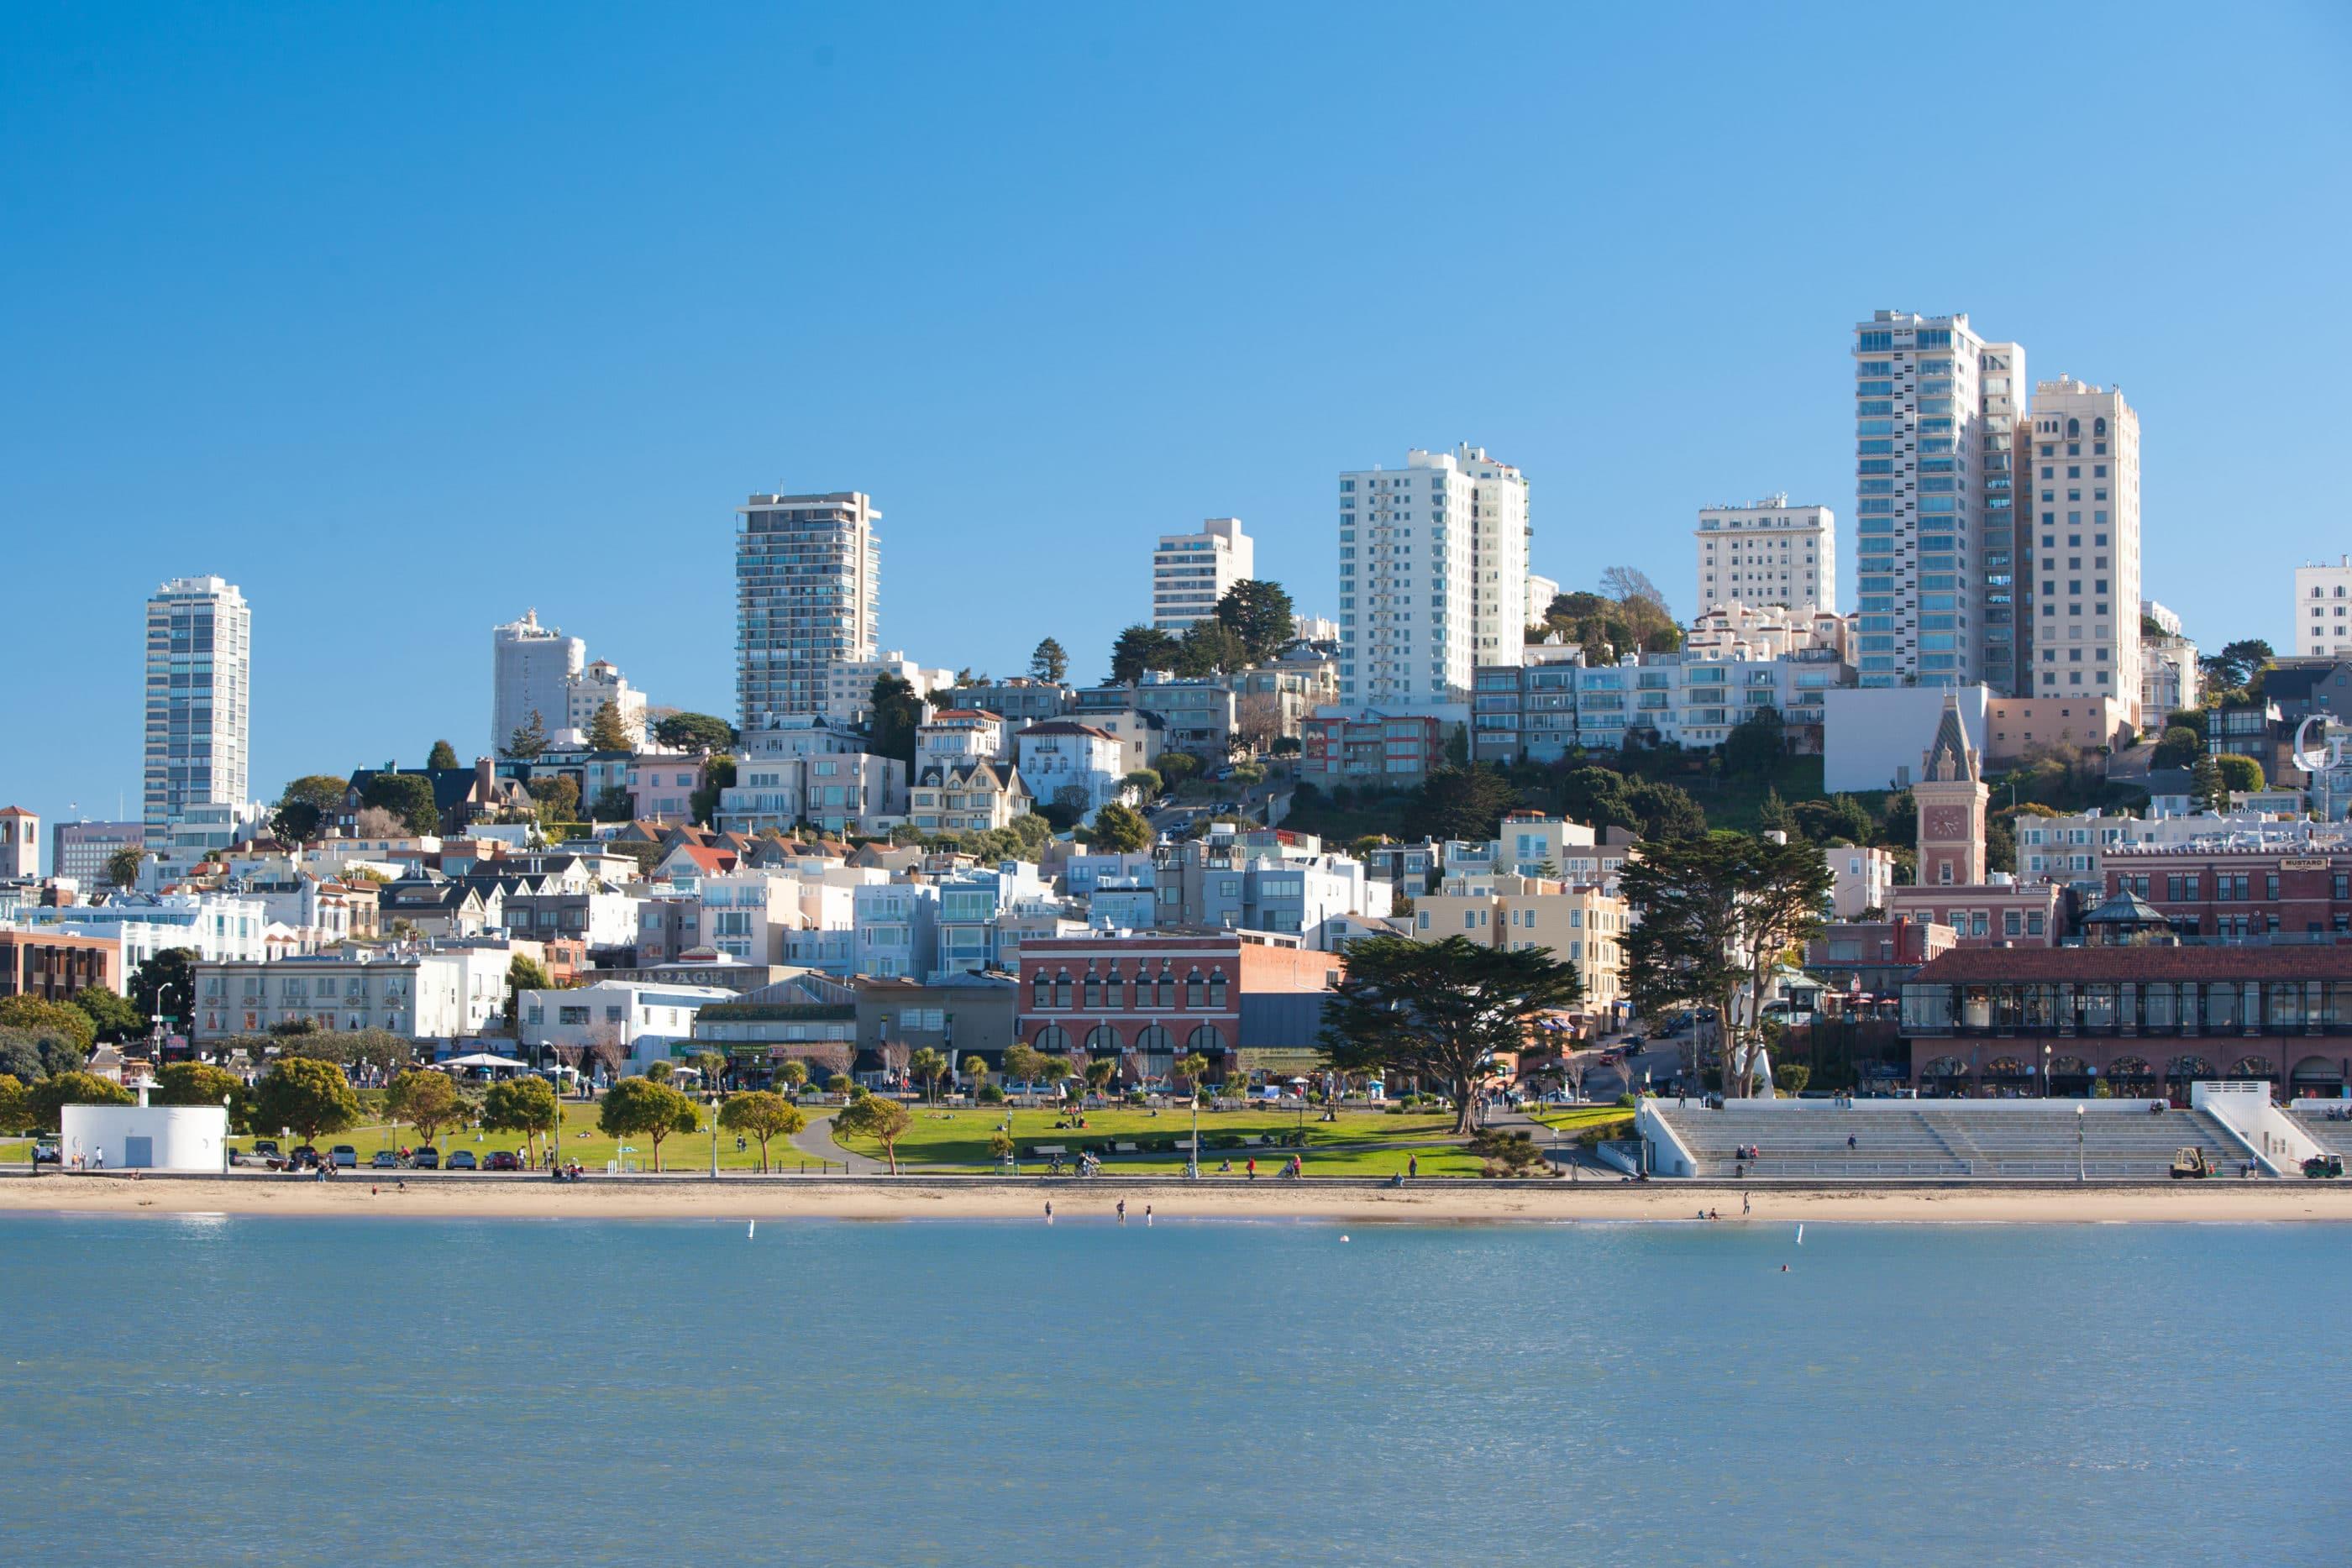 Best San Francisco beaches: Aquatic Park